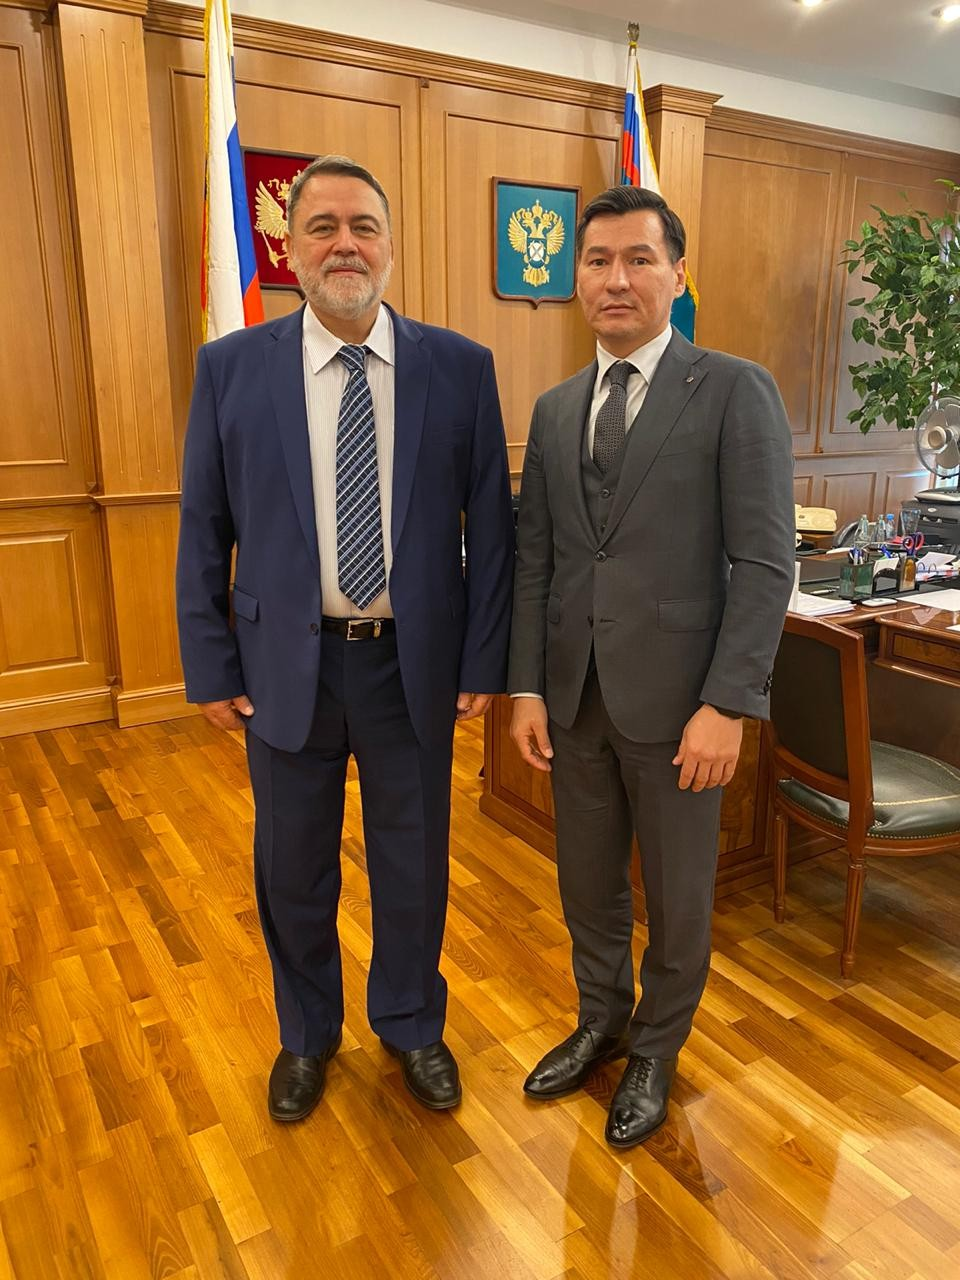 Бату Хасиков встретился  с руководителем Федеральной антимонопольной службы России Игорем Артемьевым